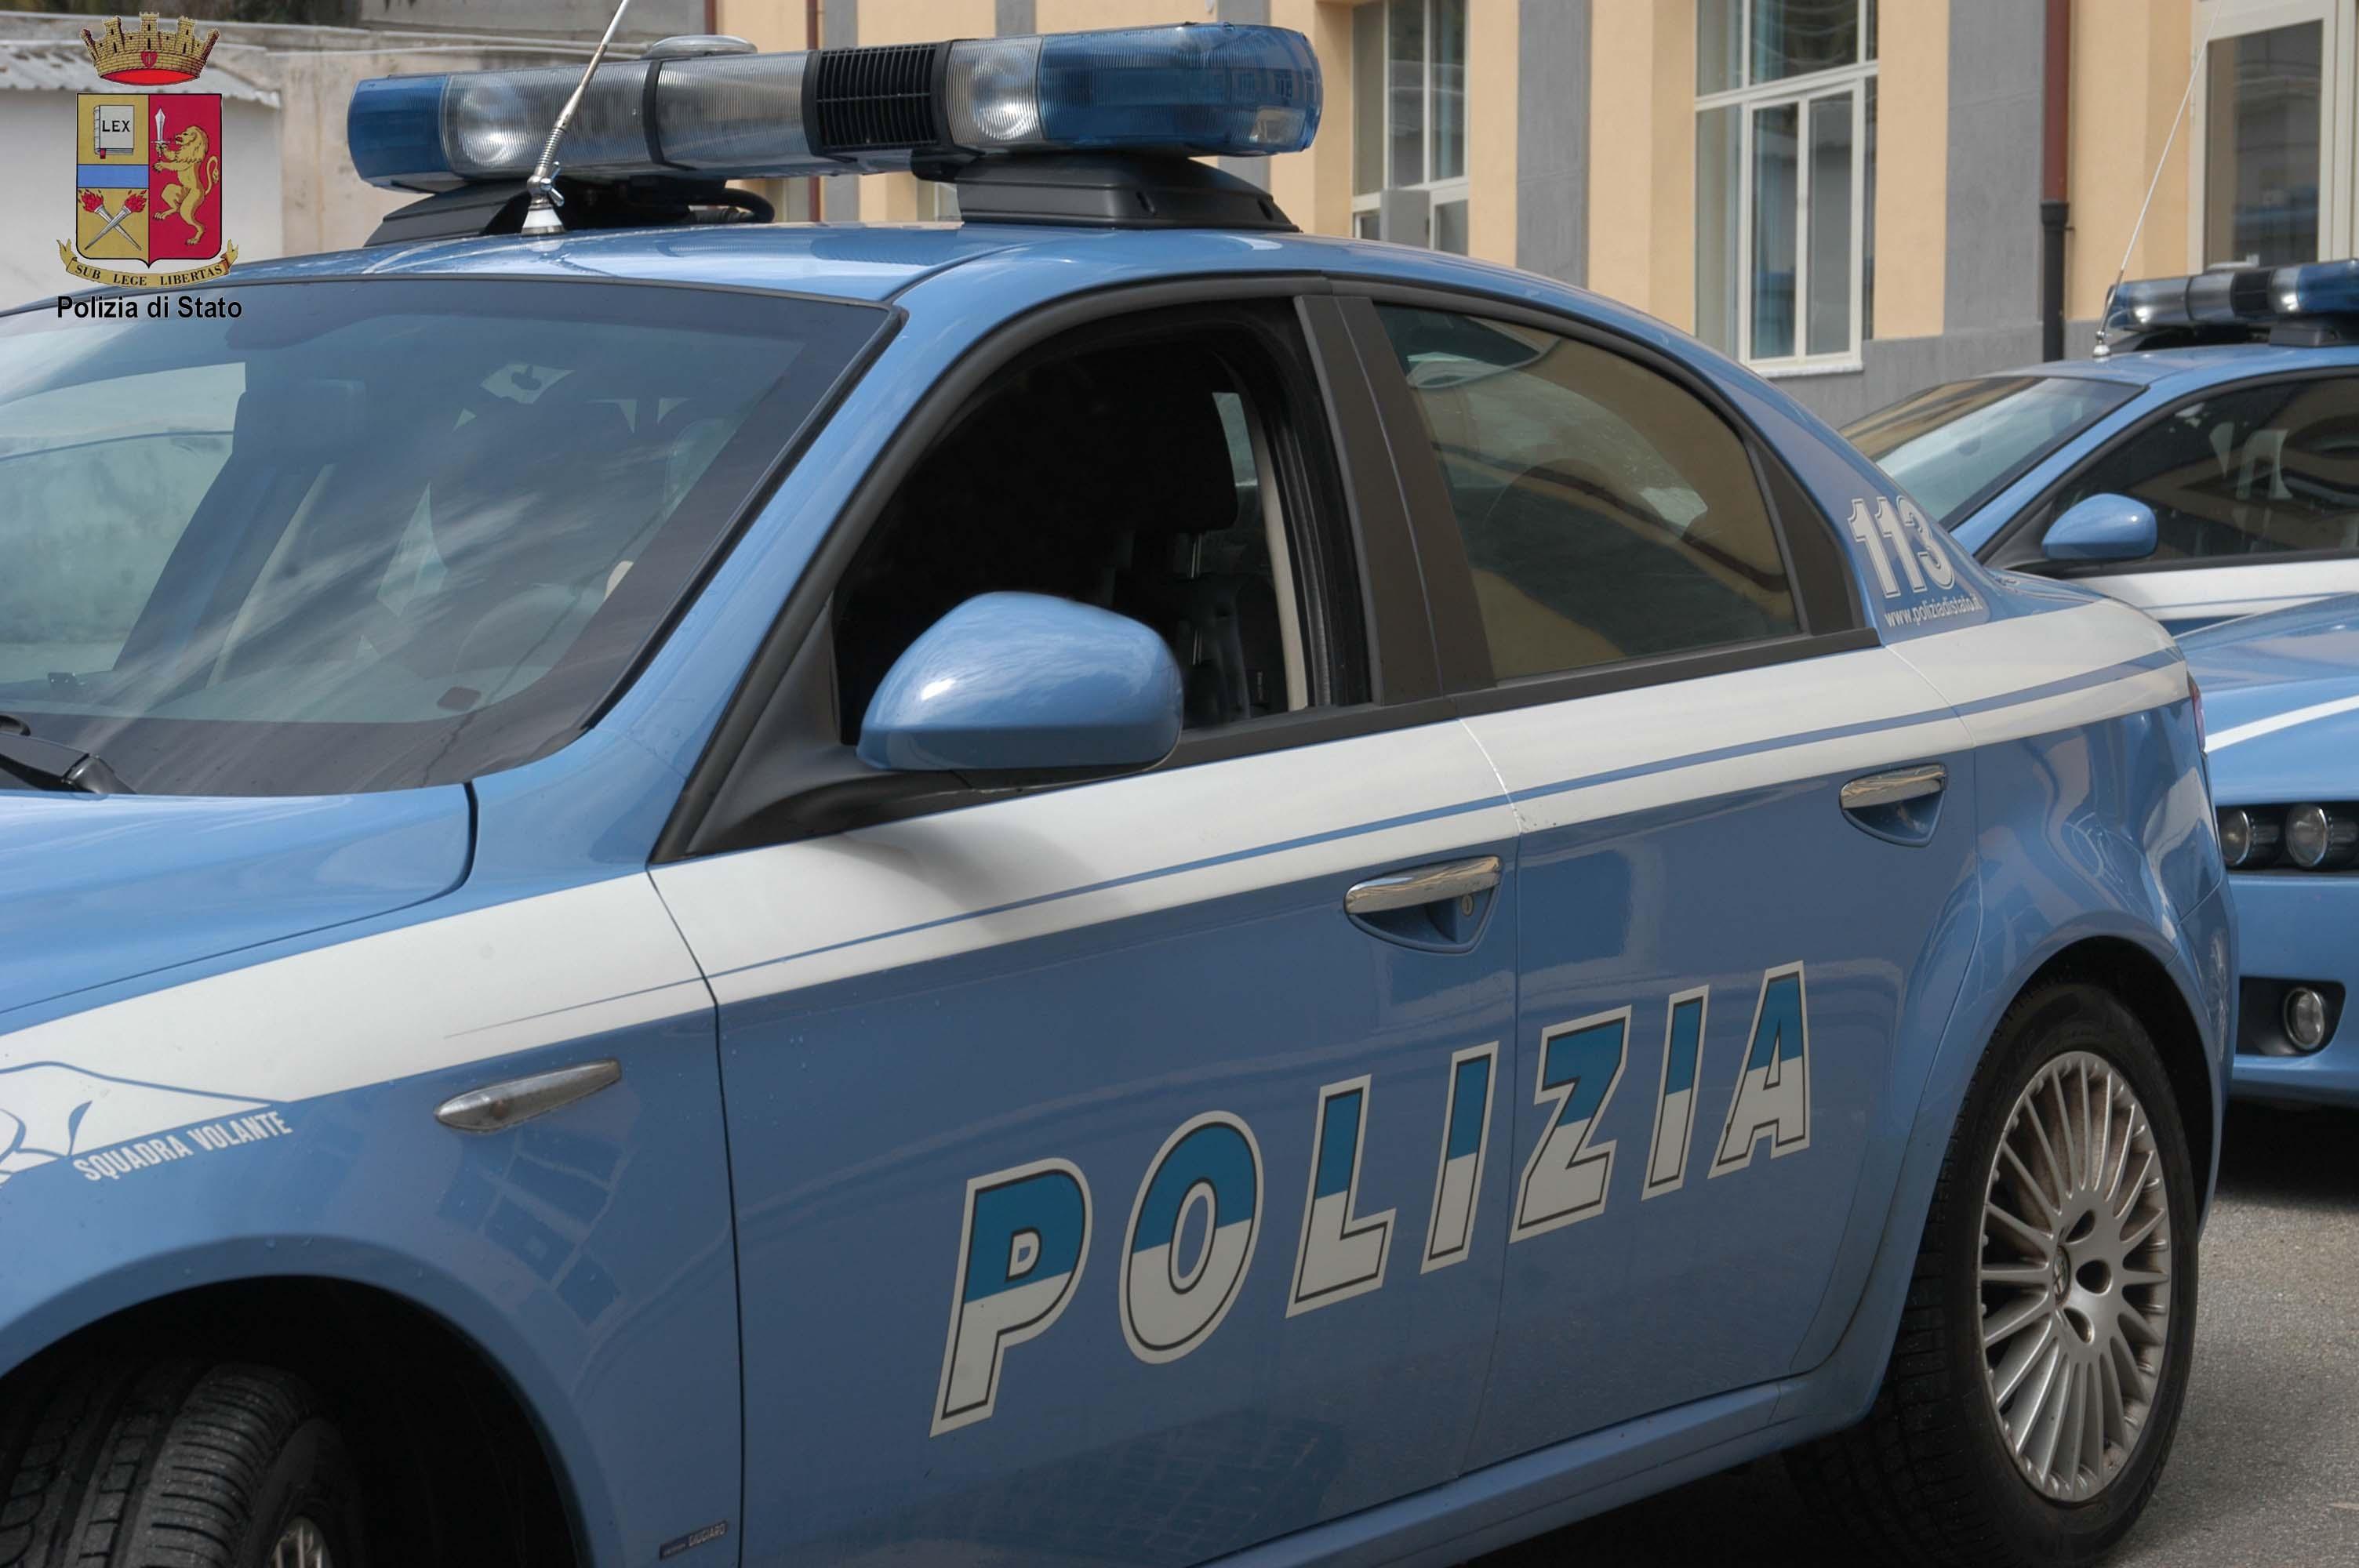 Report consuntivo dell'attività svolta dalla Polizia in Provincia di Trapani dal 30 settembre al 6 ottobre